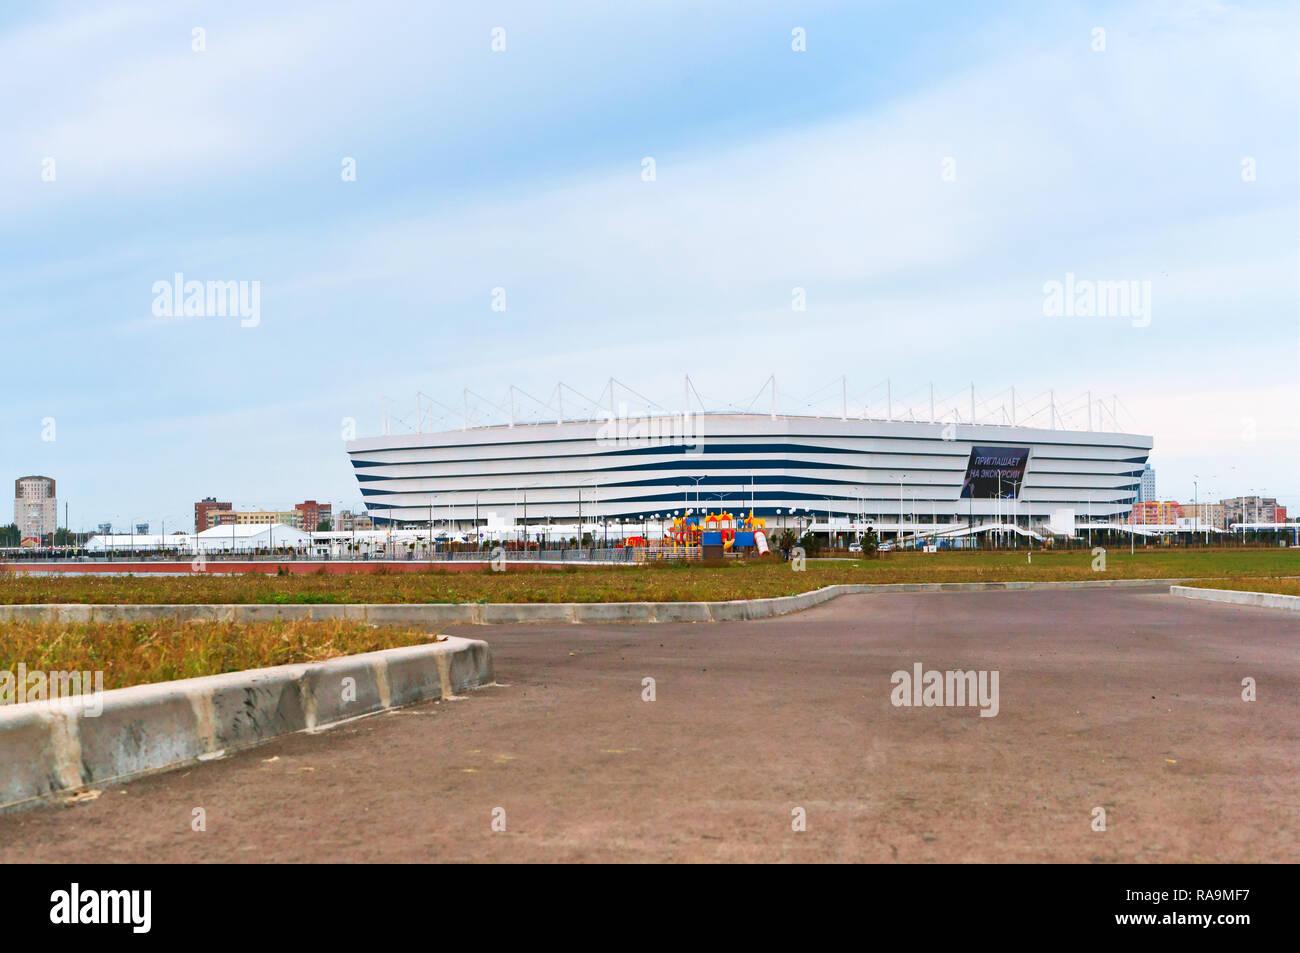 """Settembre 30, 2018, Kaliningrad, Russia, lo stadio di calcio """"Baltico arena', moderno impianto sportivo Immagini Stock"""